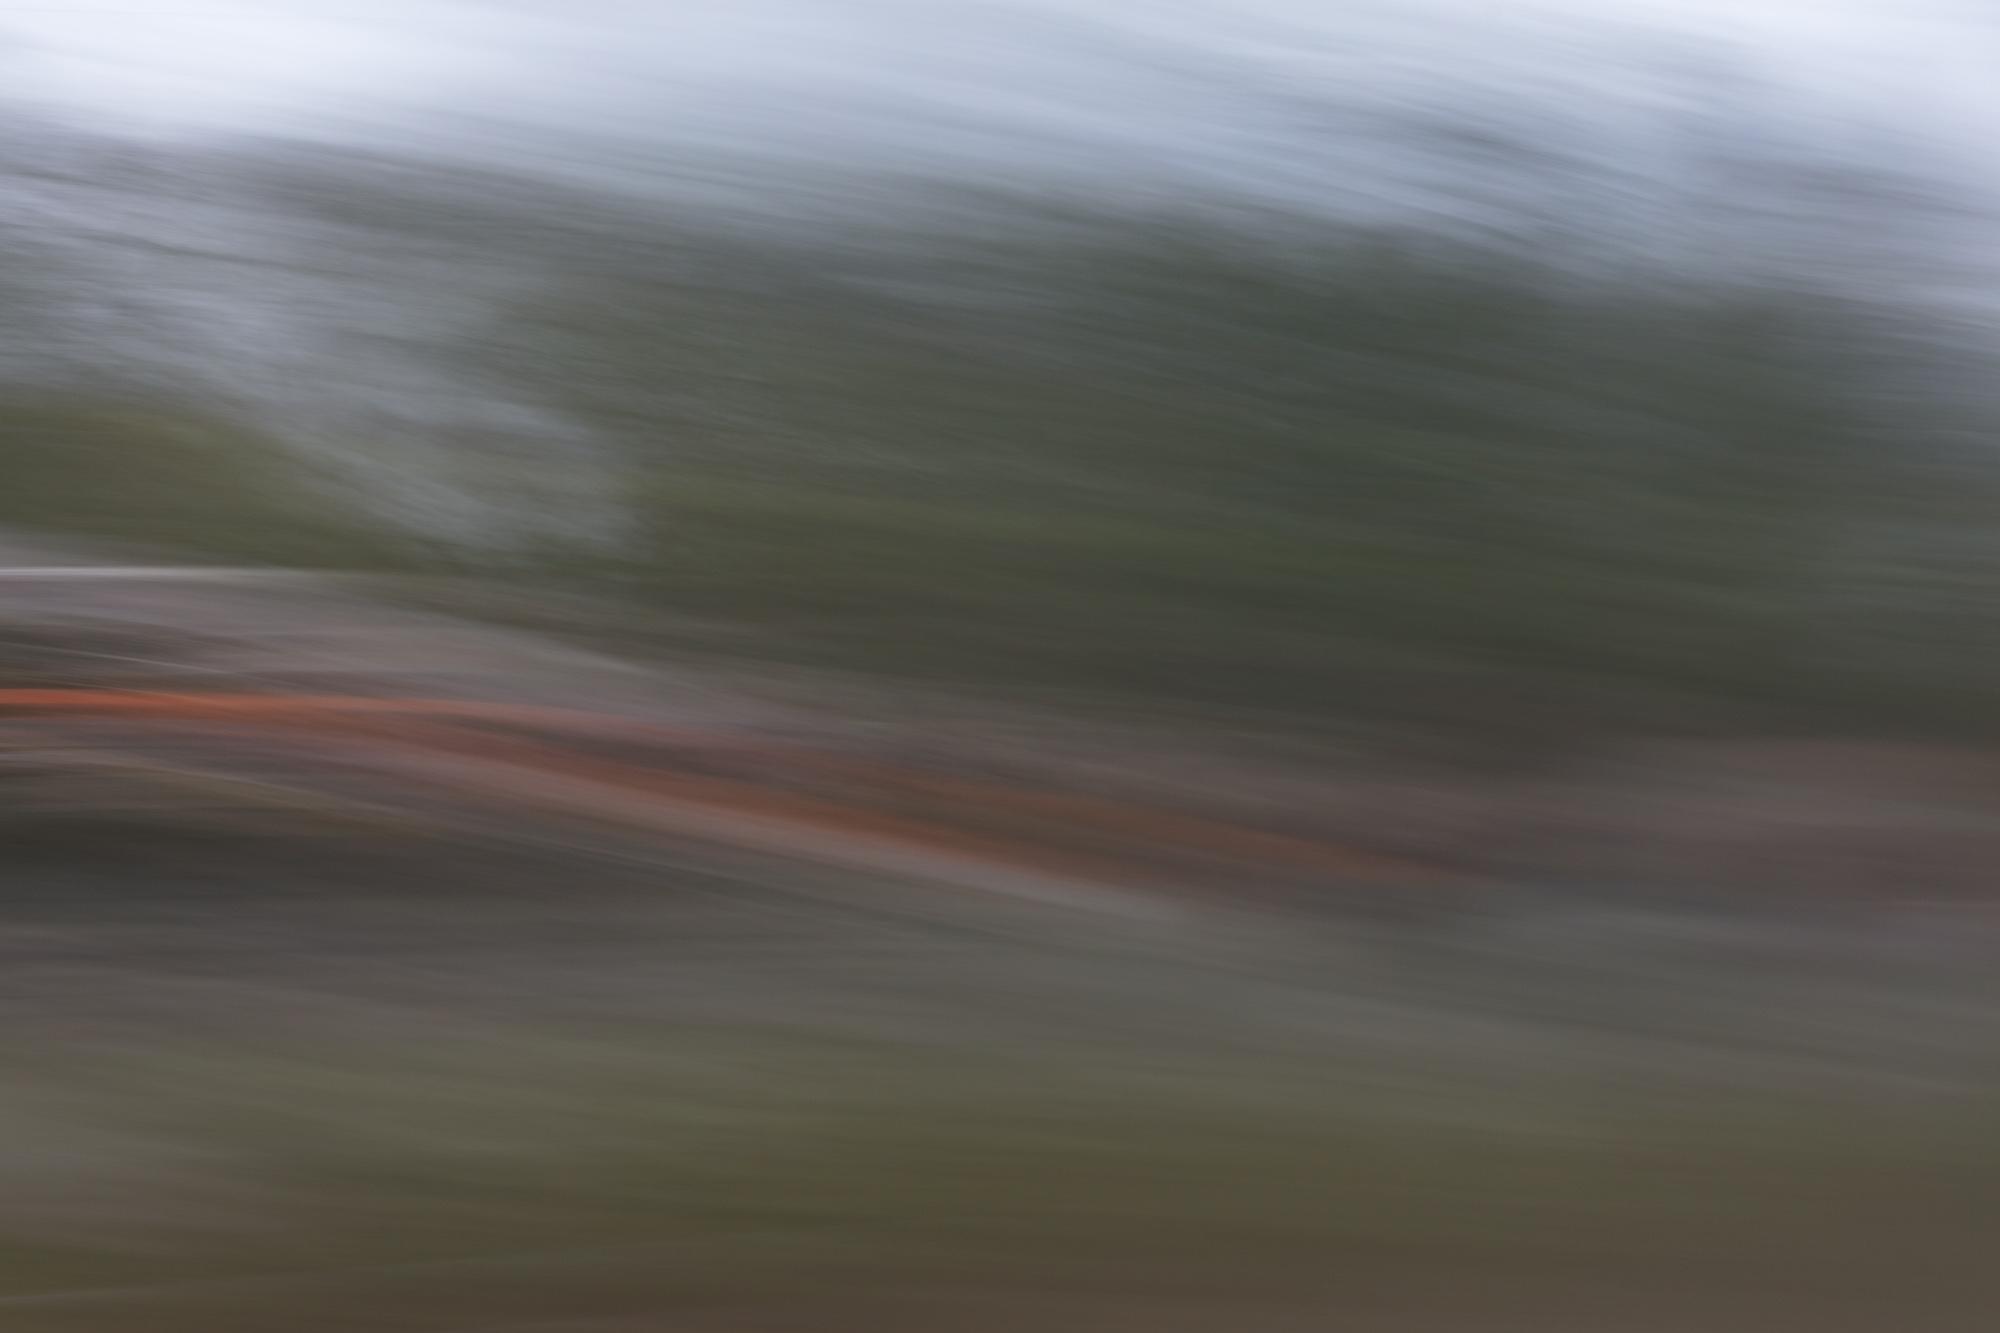 Blurred Travels_2017-21.jpg